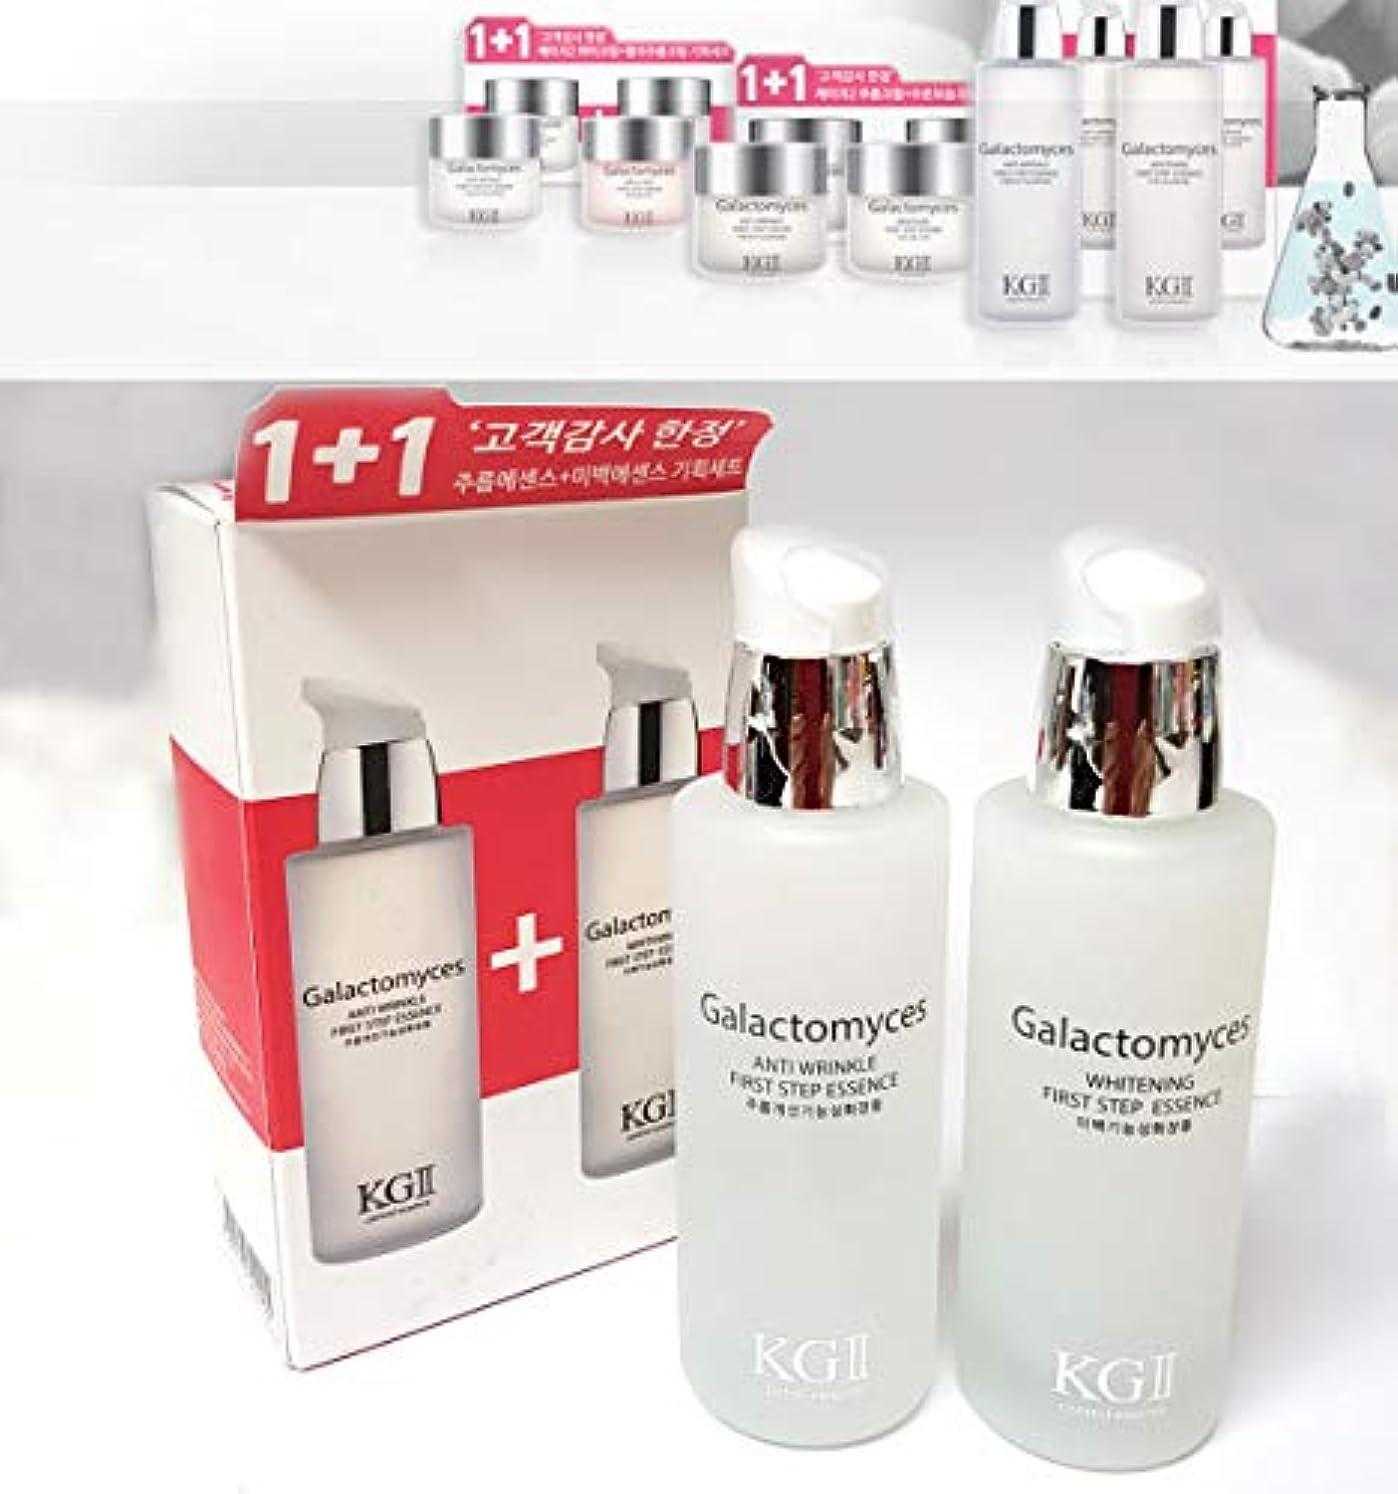 社交的死ぬスリッパ[KG2] ガラクトミセスファーストステップリンクルエッセンス+ホワイトニングエッセンスセット(50ml + 50ml) / Galactomyces First Step Wrinkle Essence + Whitening Essence Set (50ml + 50ml) / 韓国化粧品/Korean Cosmetics [並行輸入品]